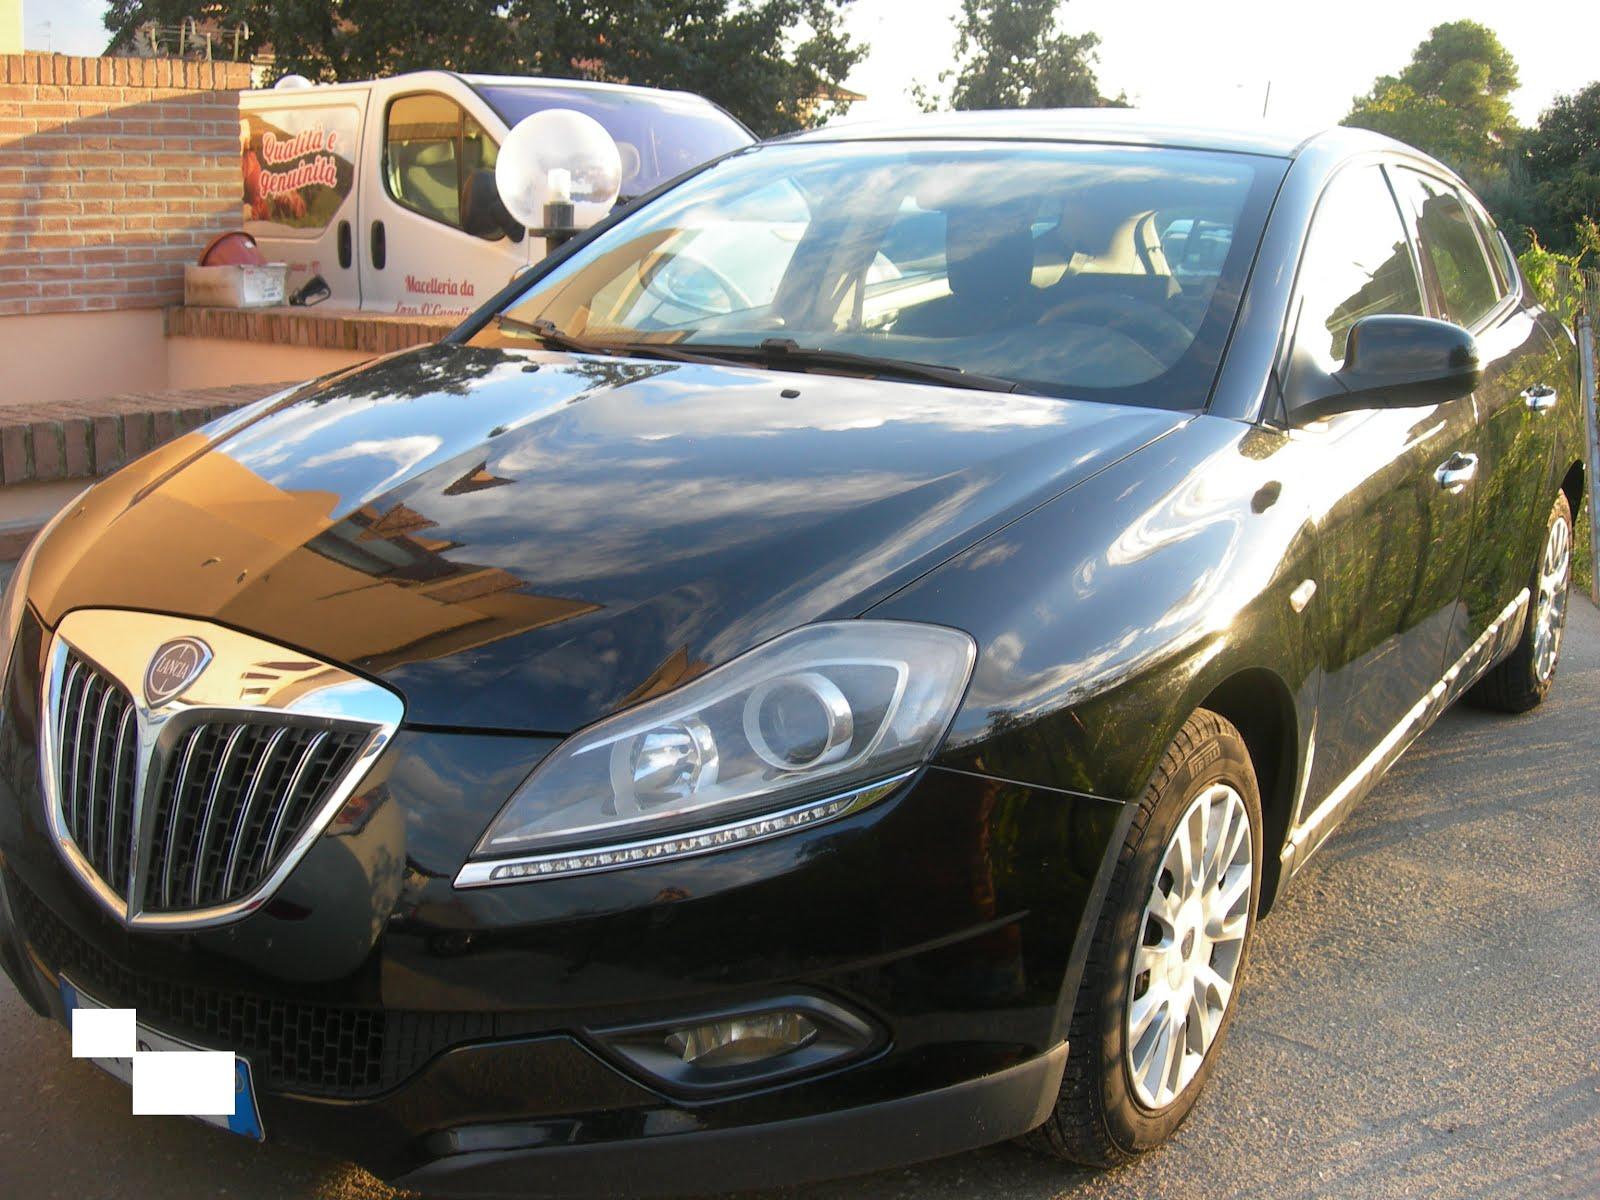 LANCIA DELTA 1.4 T-JET 120 CV GPL ECOCHIC ANNO 2010 90.000 KM MODELLO ORO PREZZO 8.500,00 EURO